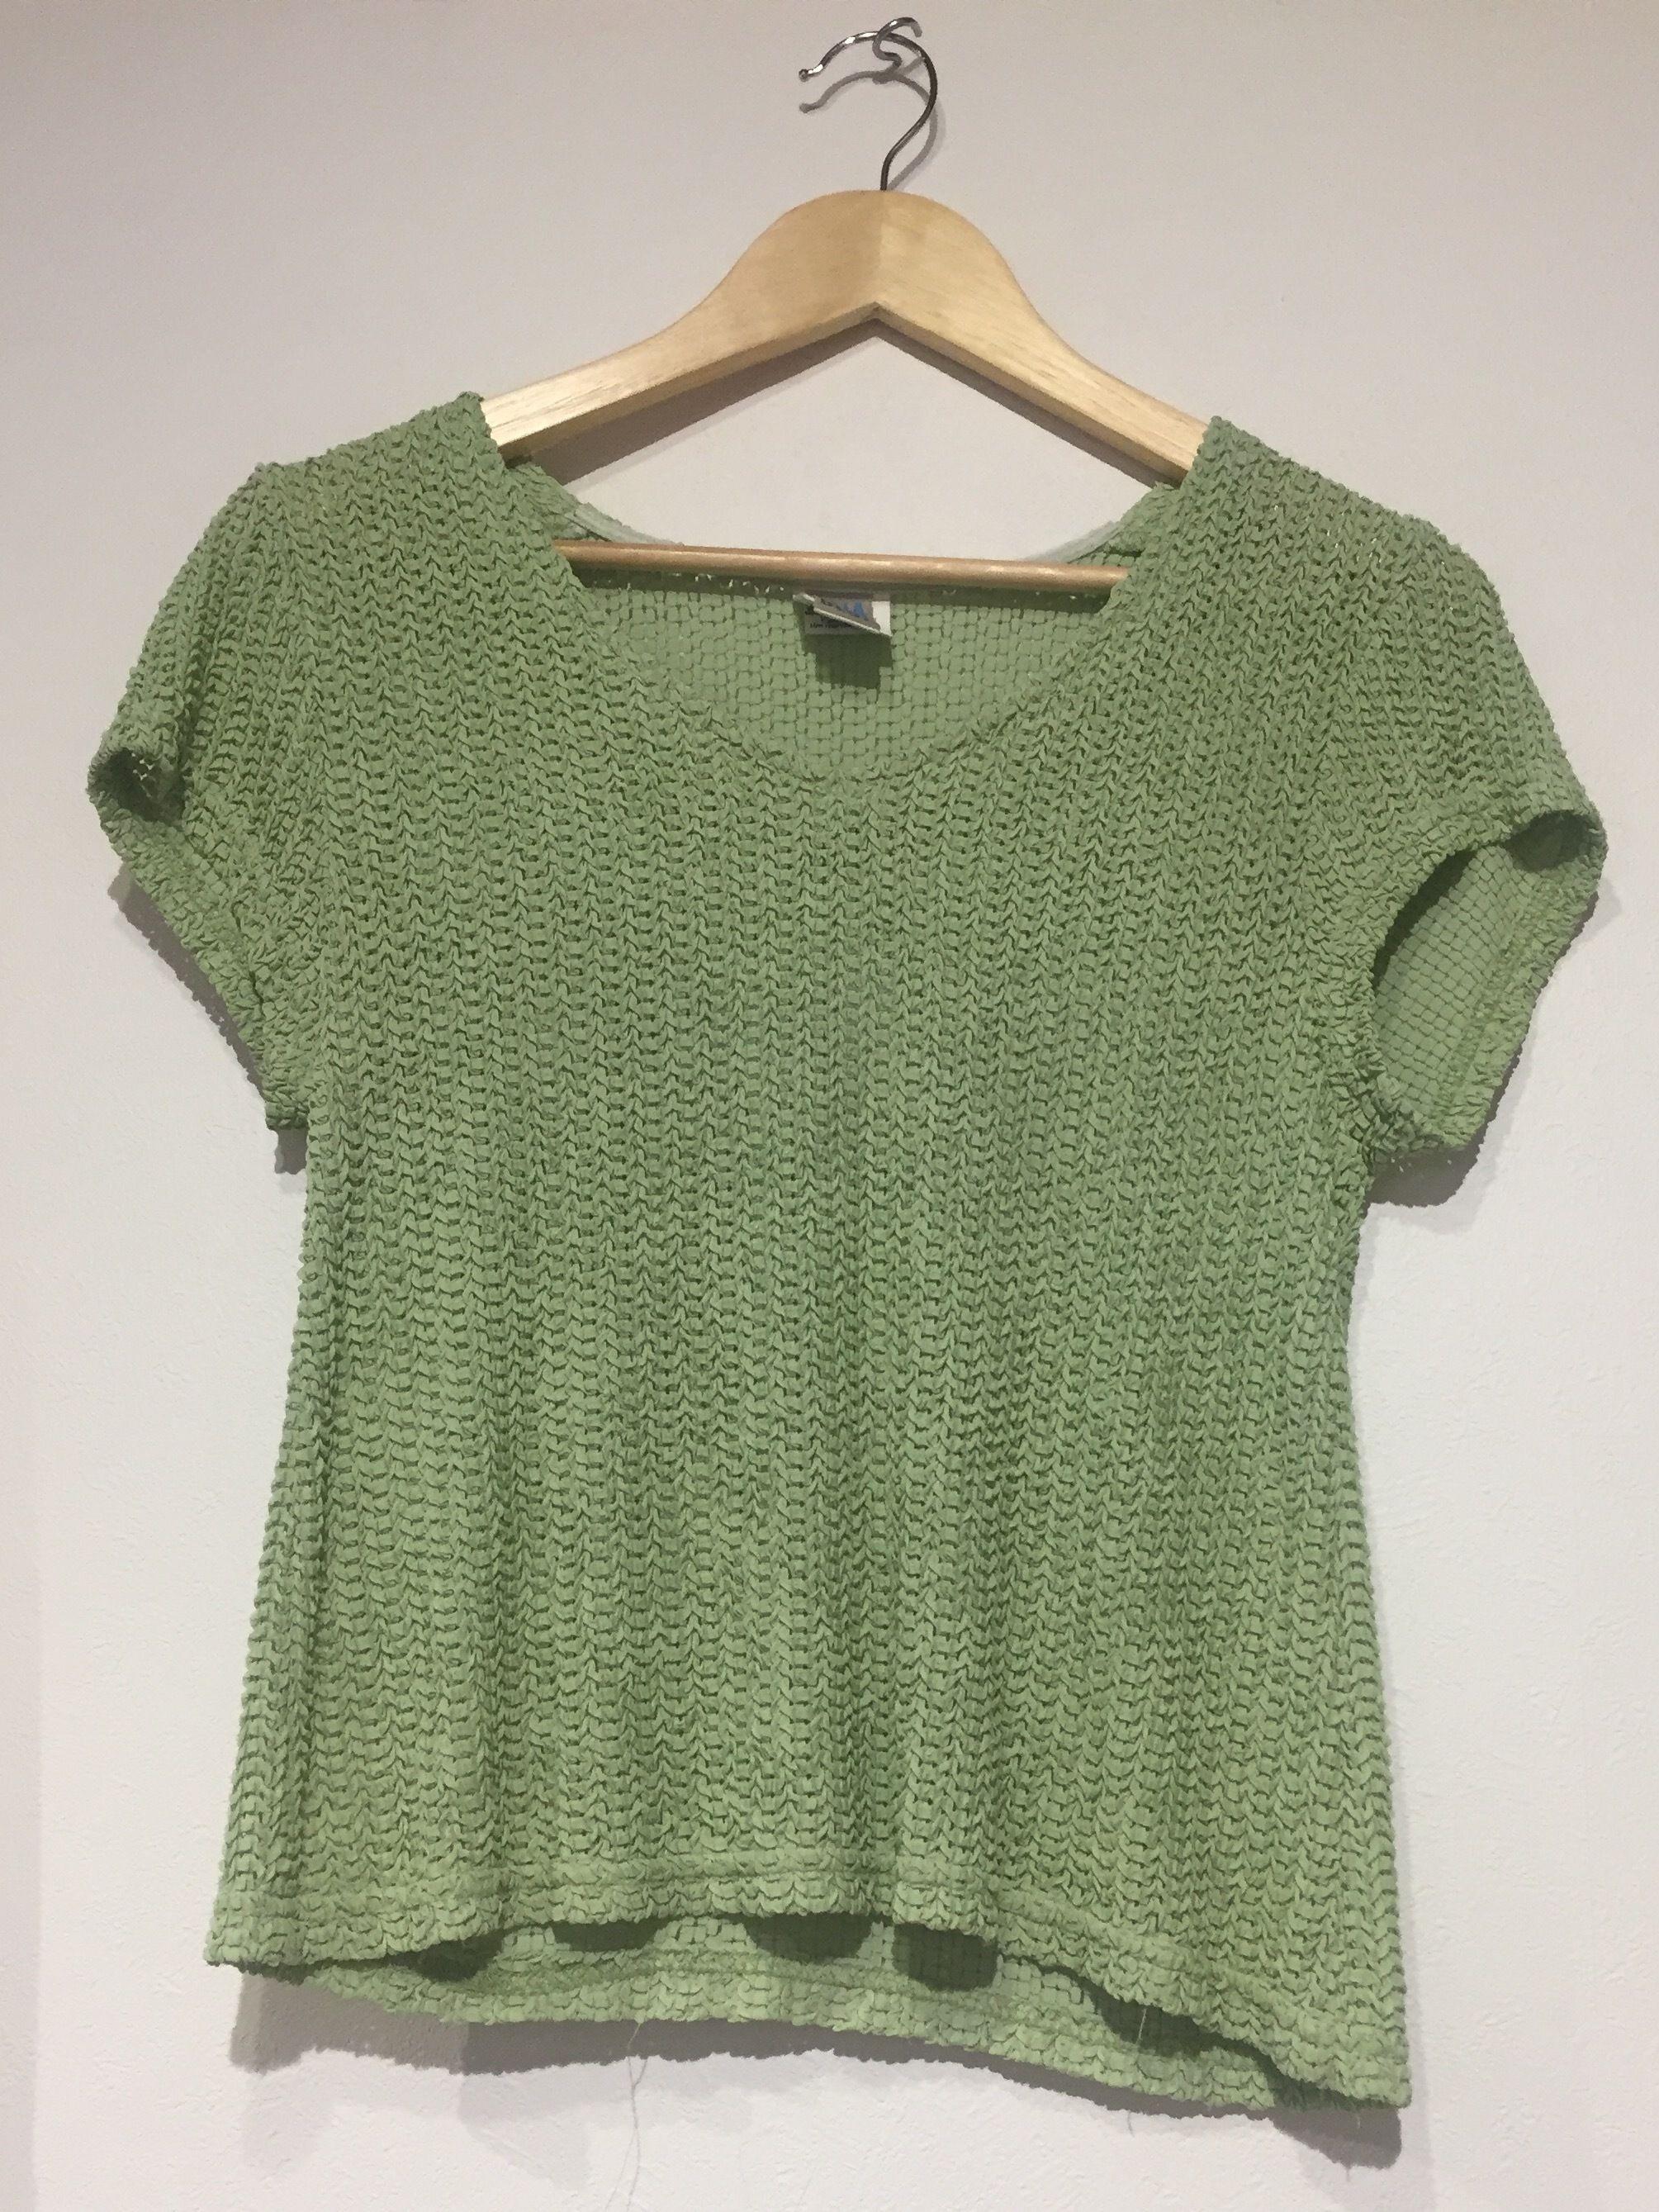 1990's made in USA v-neck light green